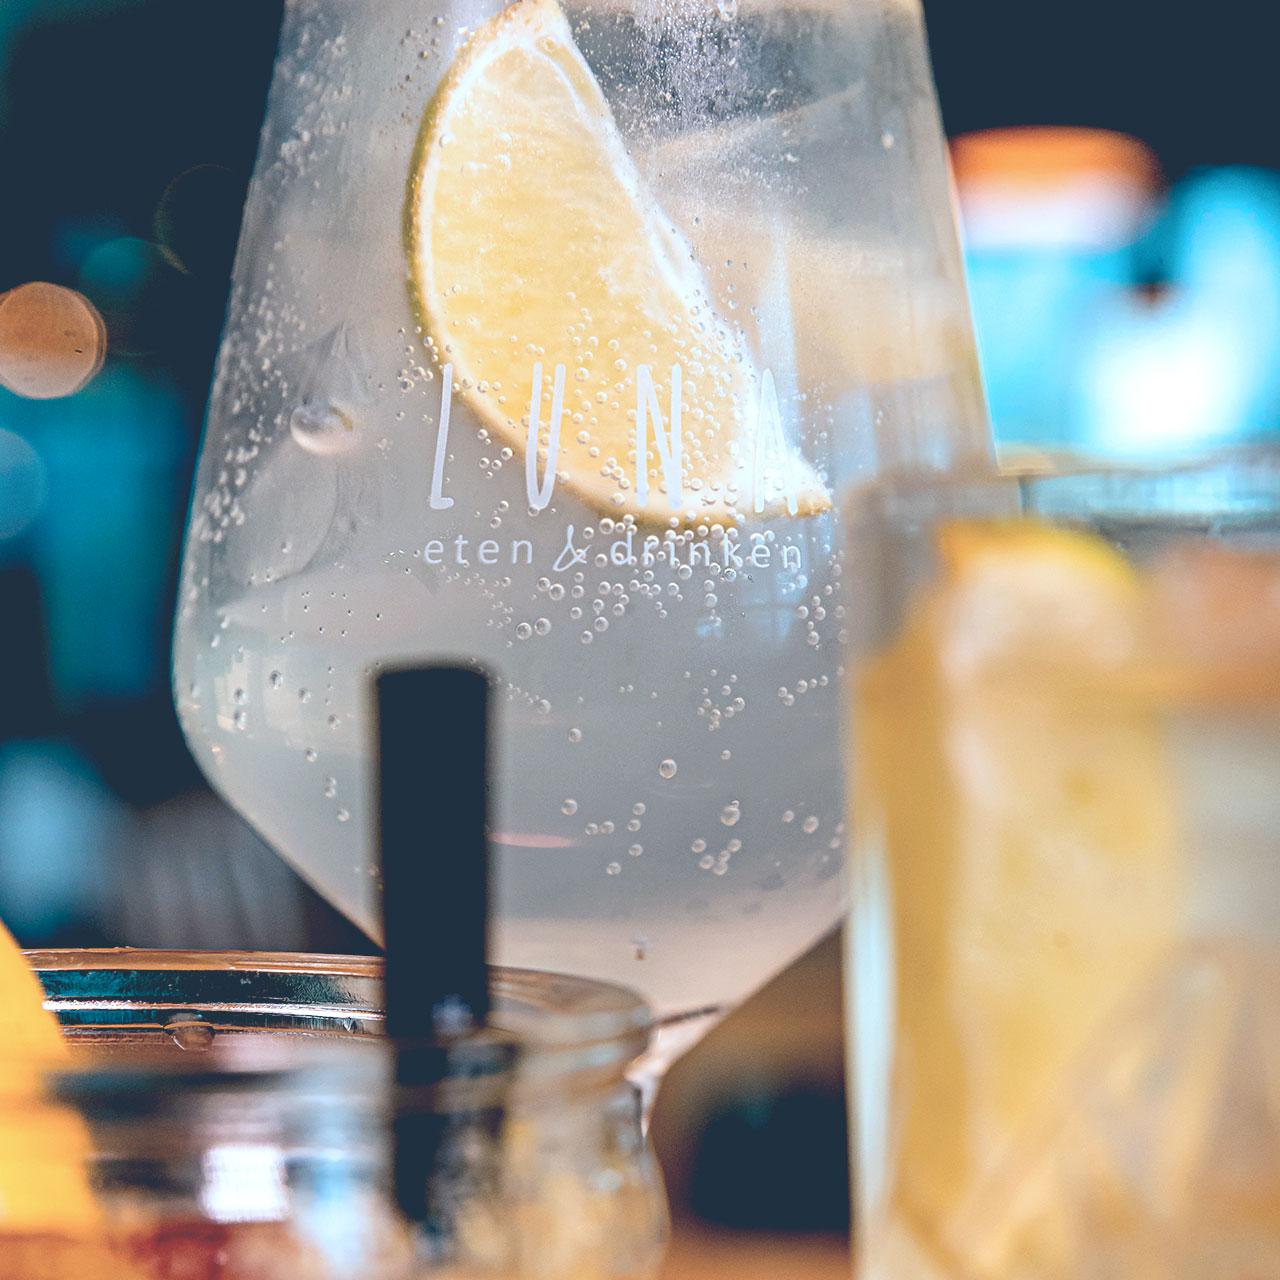 Drankjes en Uitgaan in Stein, uiteten bij LUNA